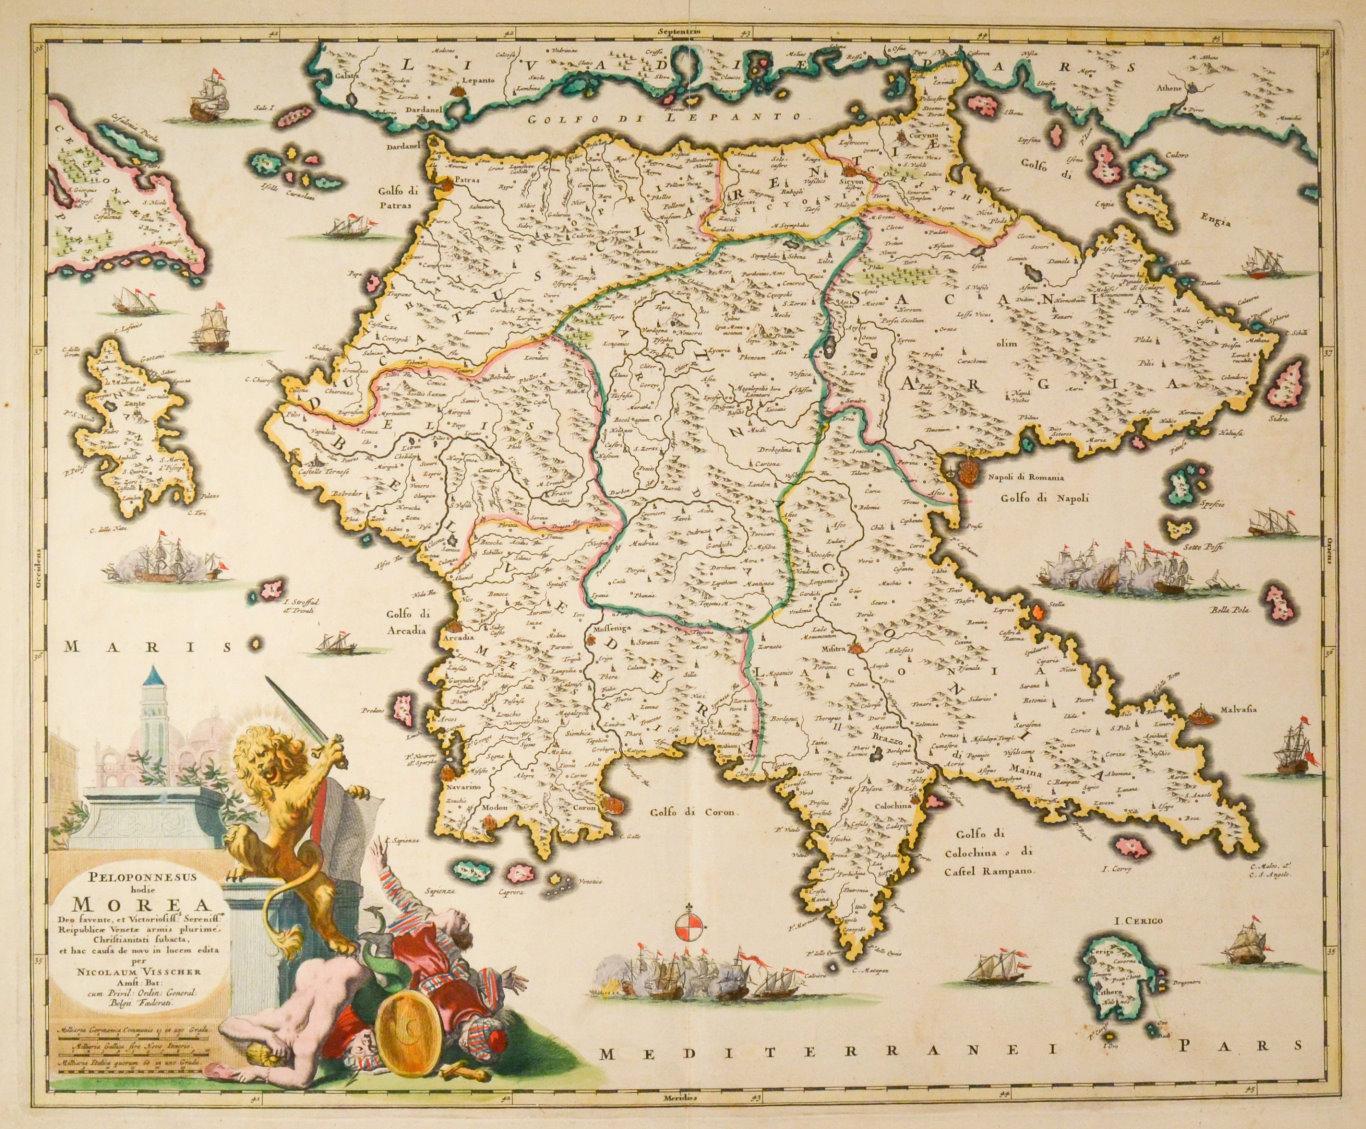 Griechenland Peloponnes Karte Deutsch.Griechenland Peloponnes Karte Zvab